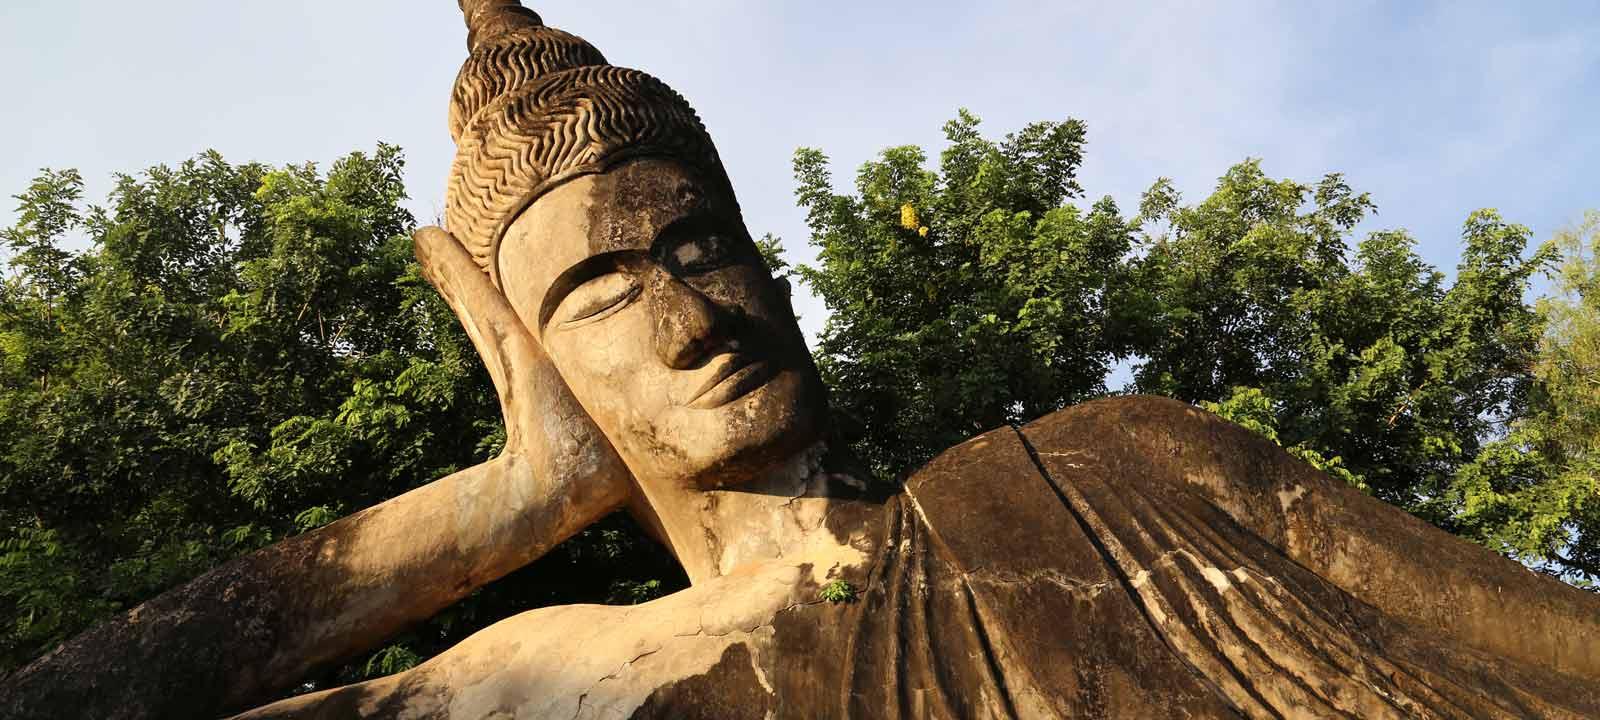 Présentation générale du Laos